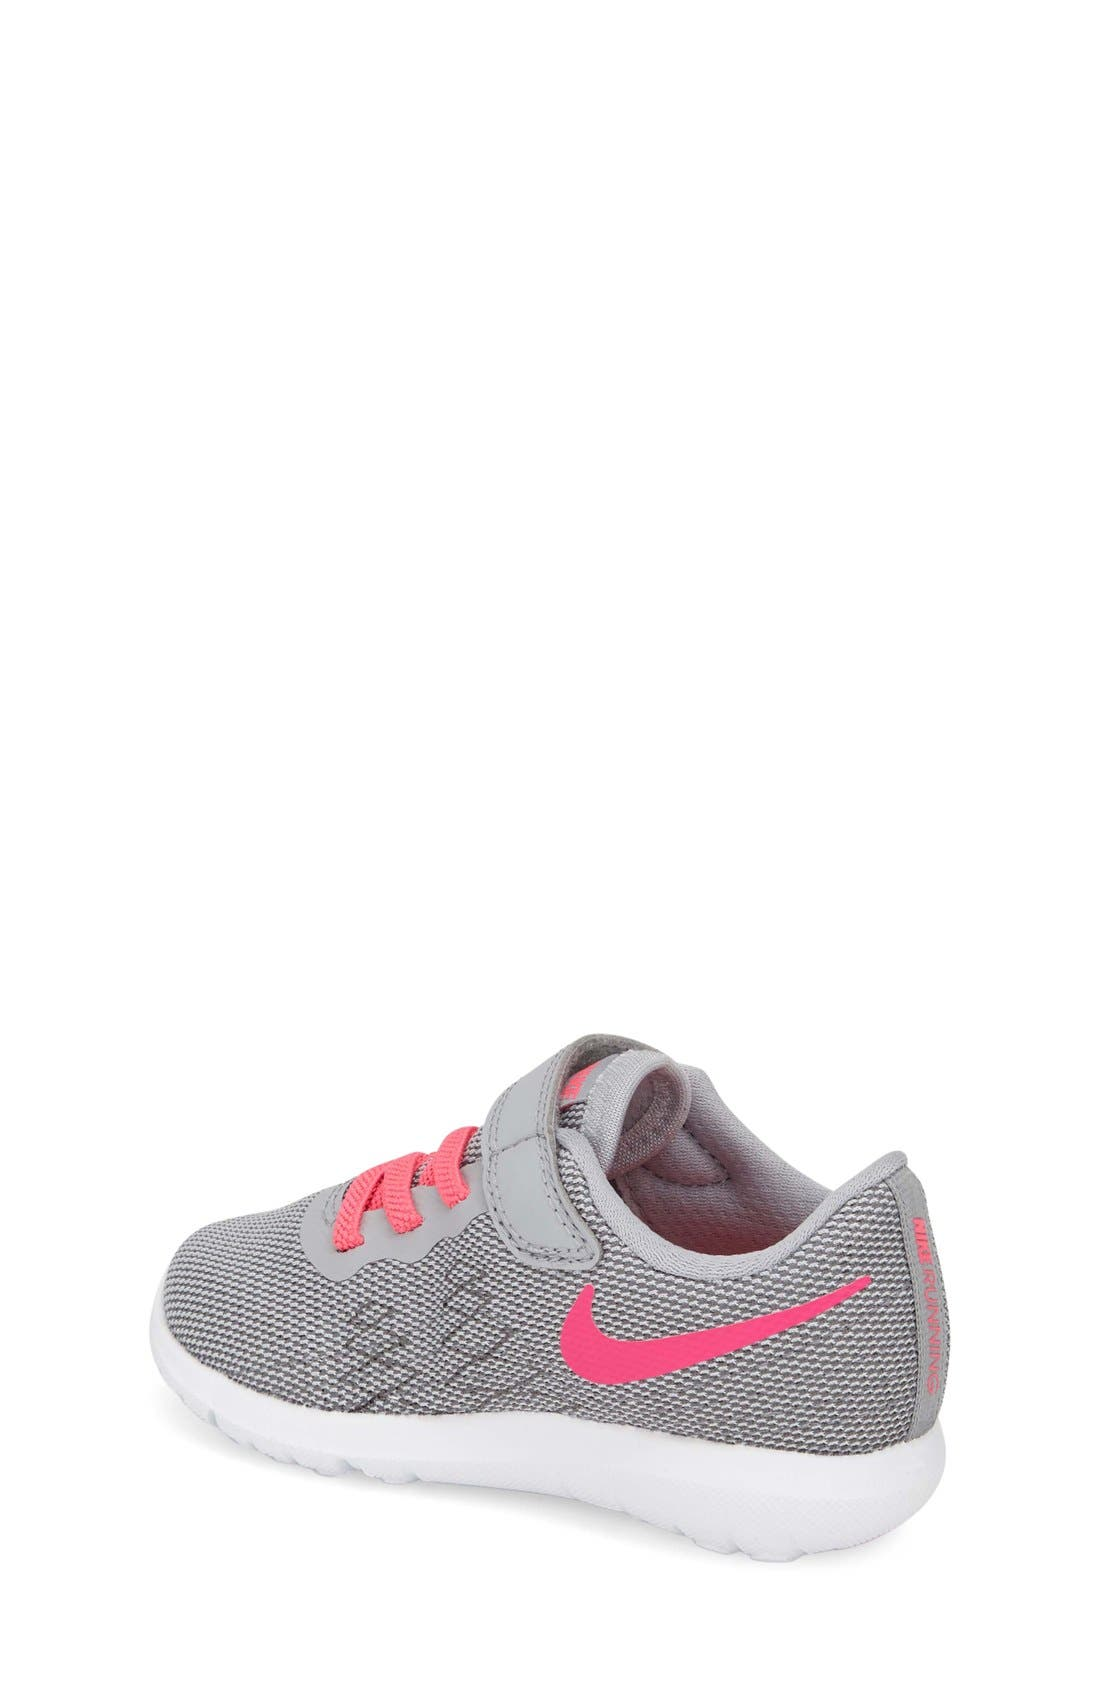 Flex Fury 2 Athletic Shoe,                             Alternate thumbnail 2, color,                             020